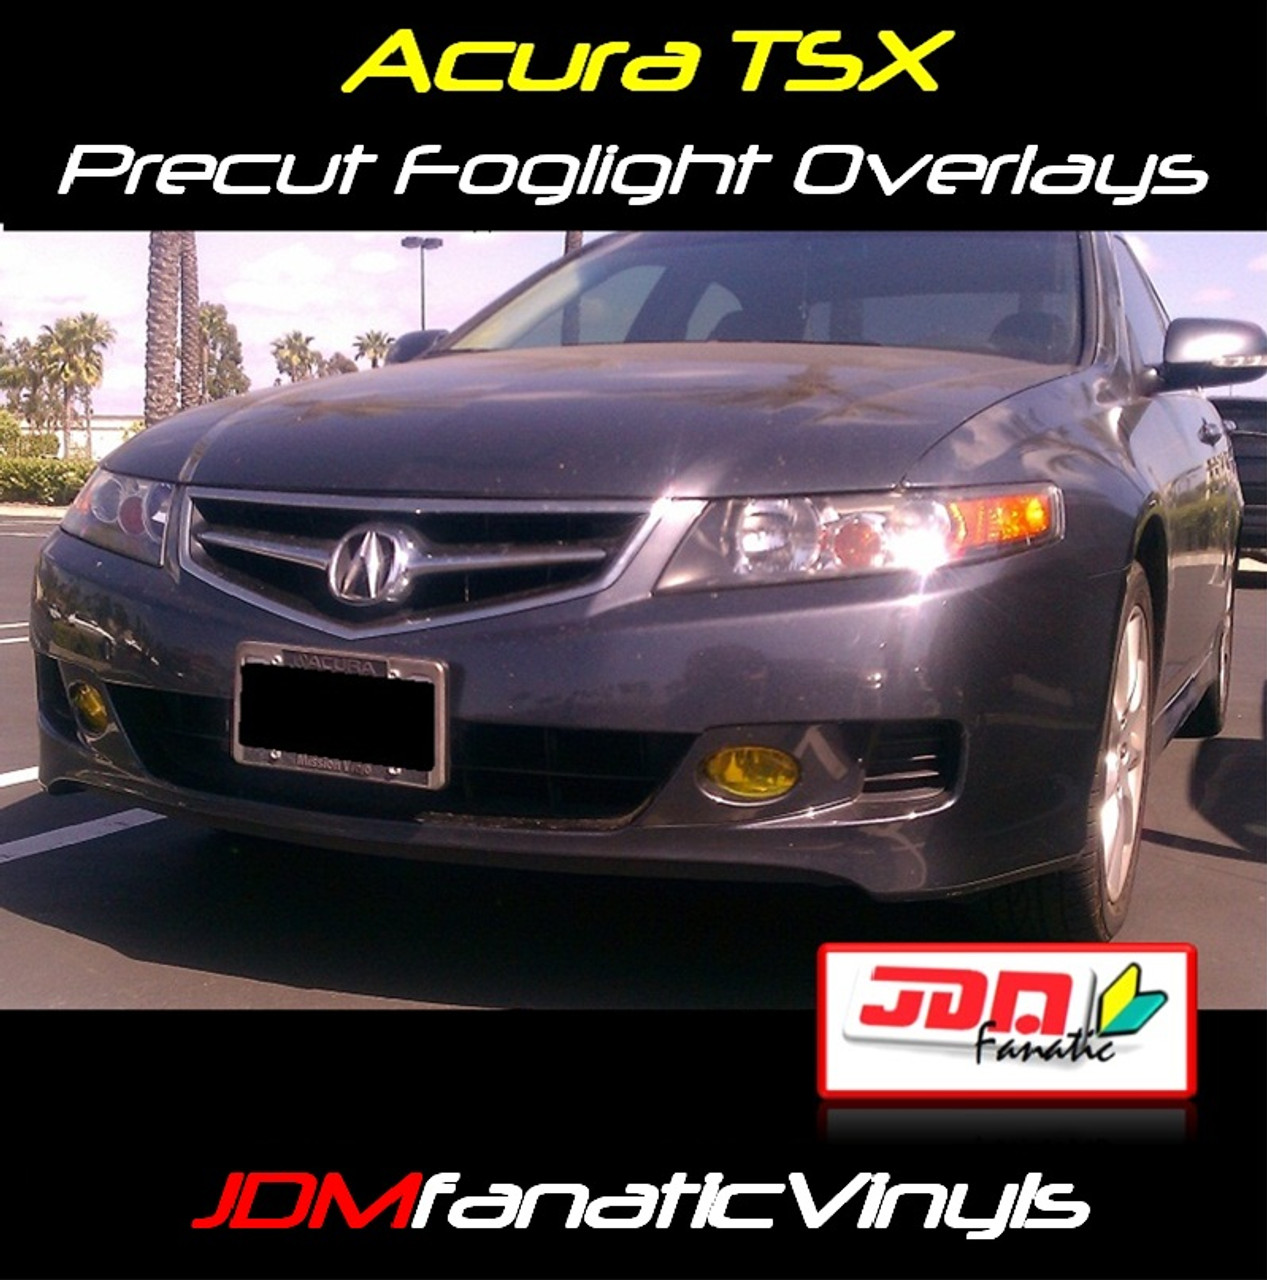 07-08 Acura TSX Precut Yellow Fog Light Overlays Tint on